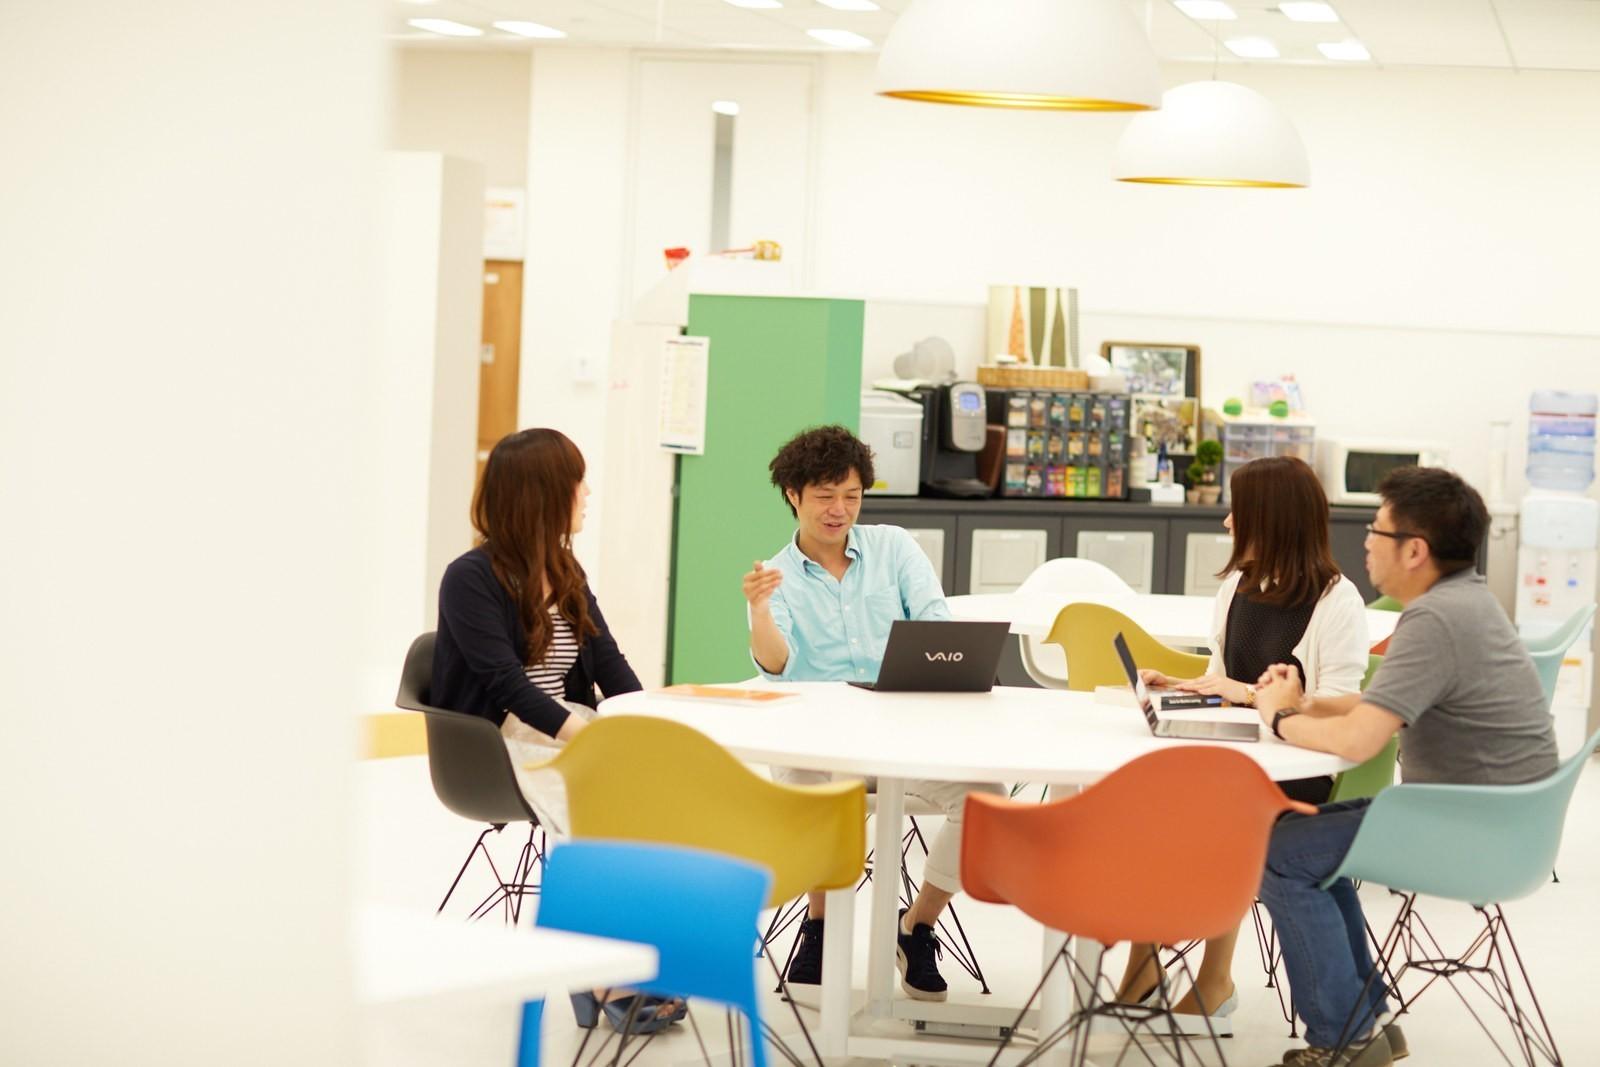 【東京】自社アプリ開発のリーダー募集!海外子会社のメンバー教育含め組織全体の成長を牽引していただきます!